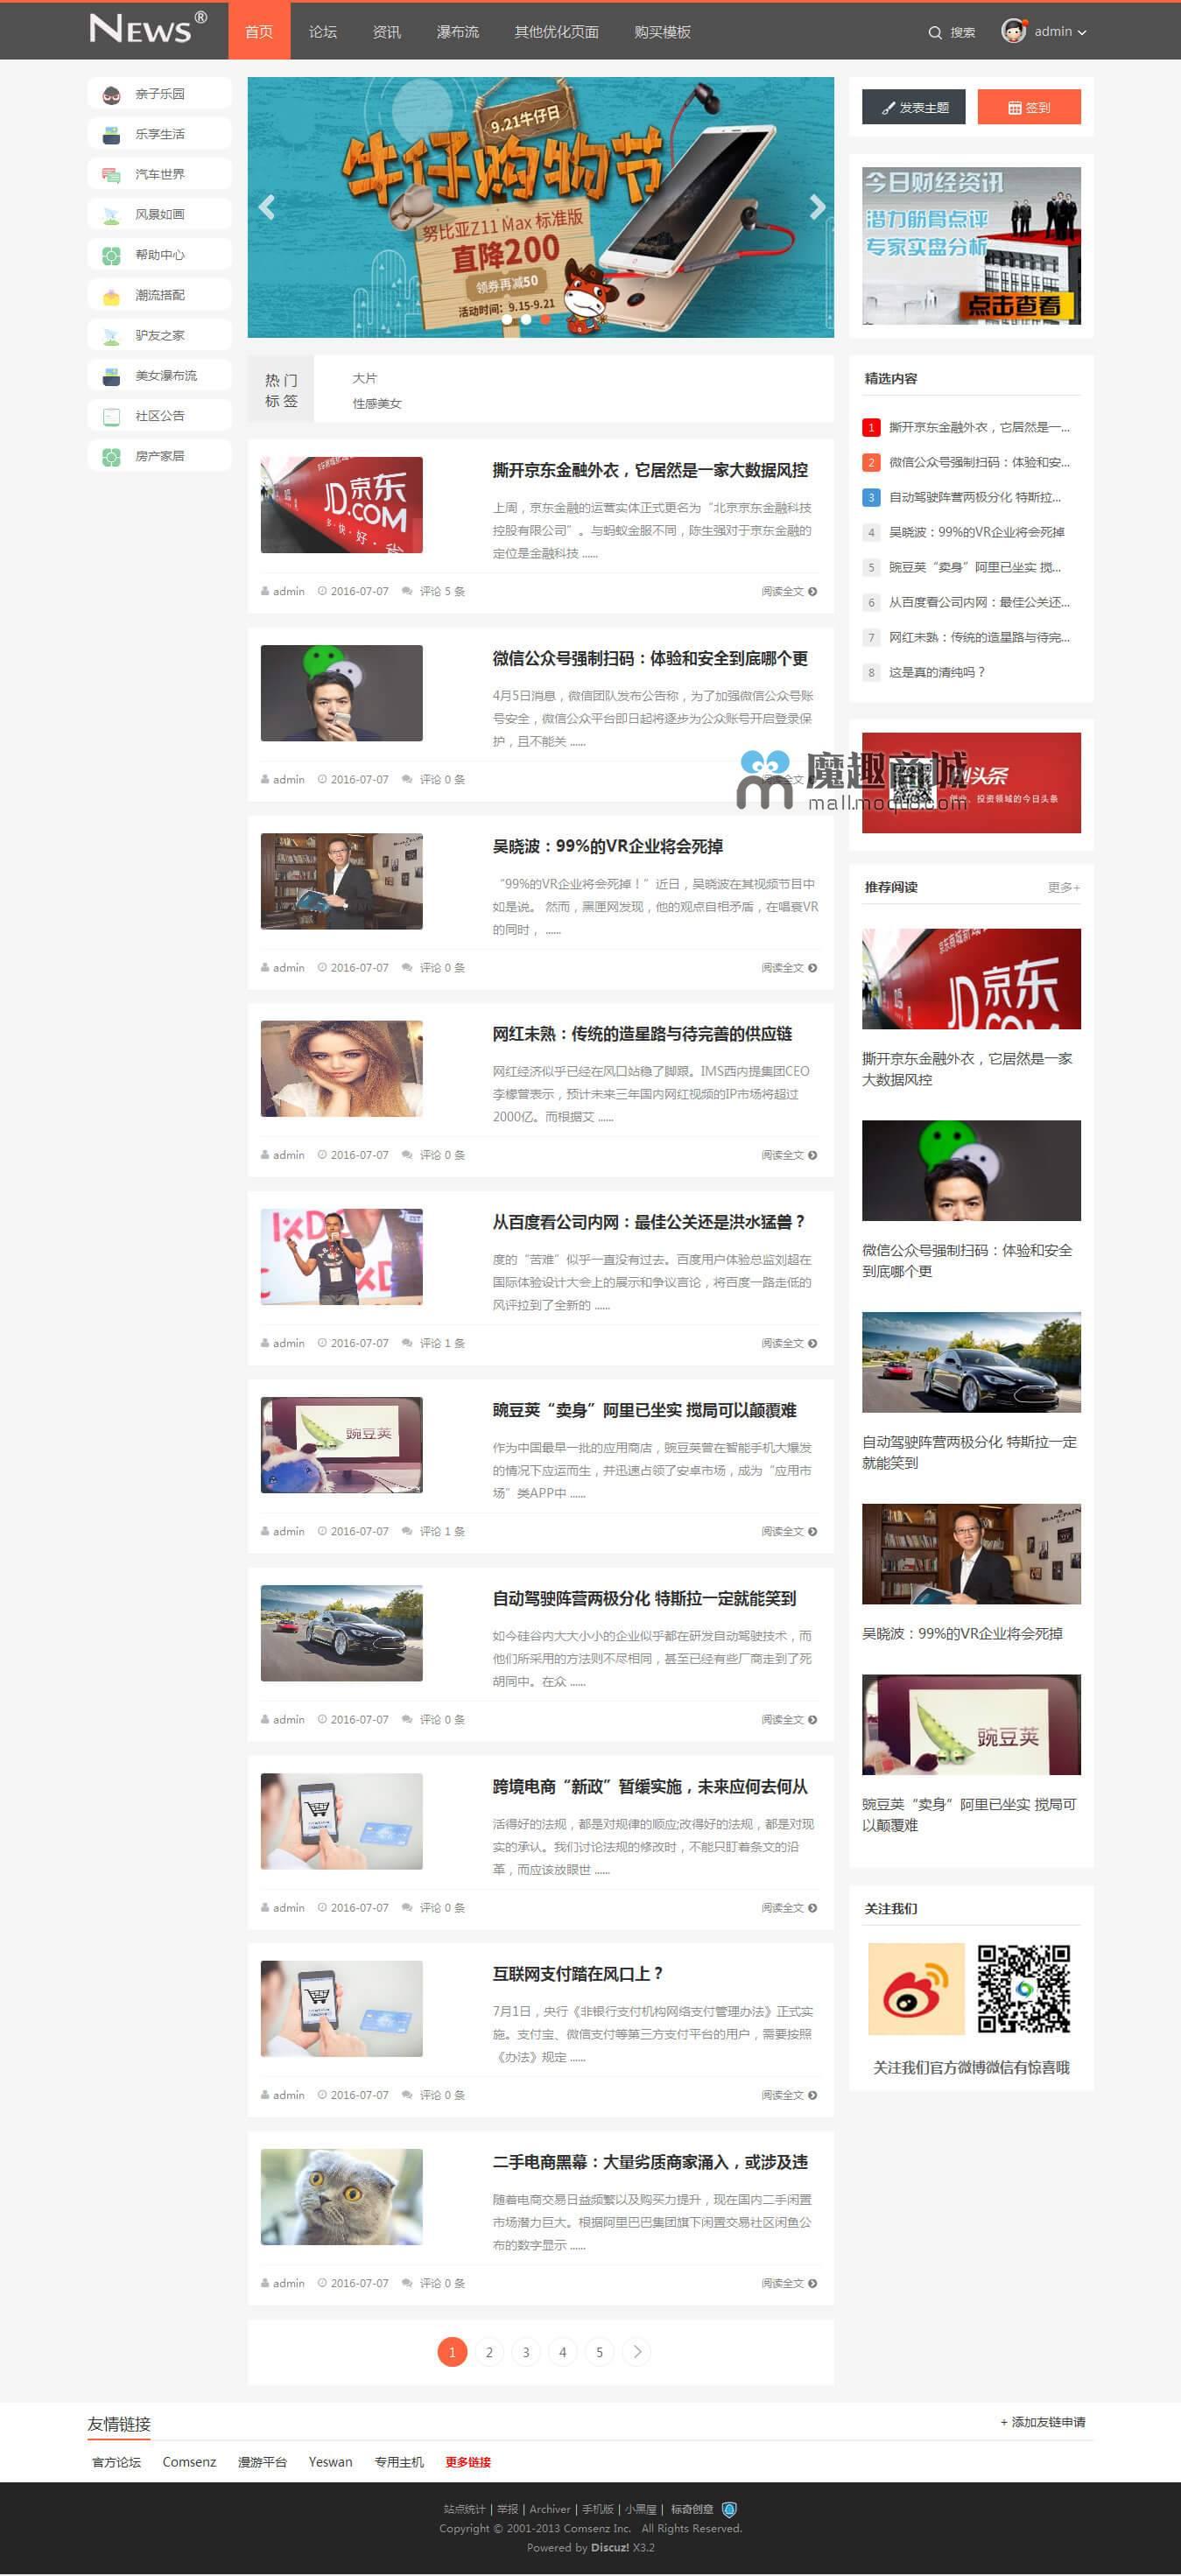 仿News黑色风格头条新闻资讯门户GBK+UTF8